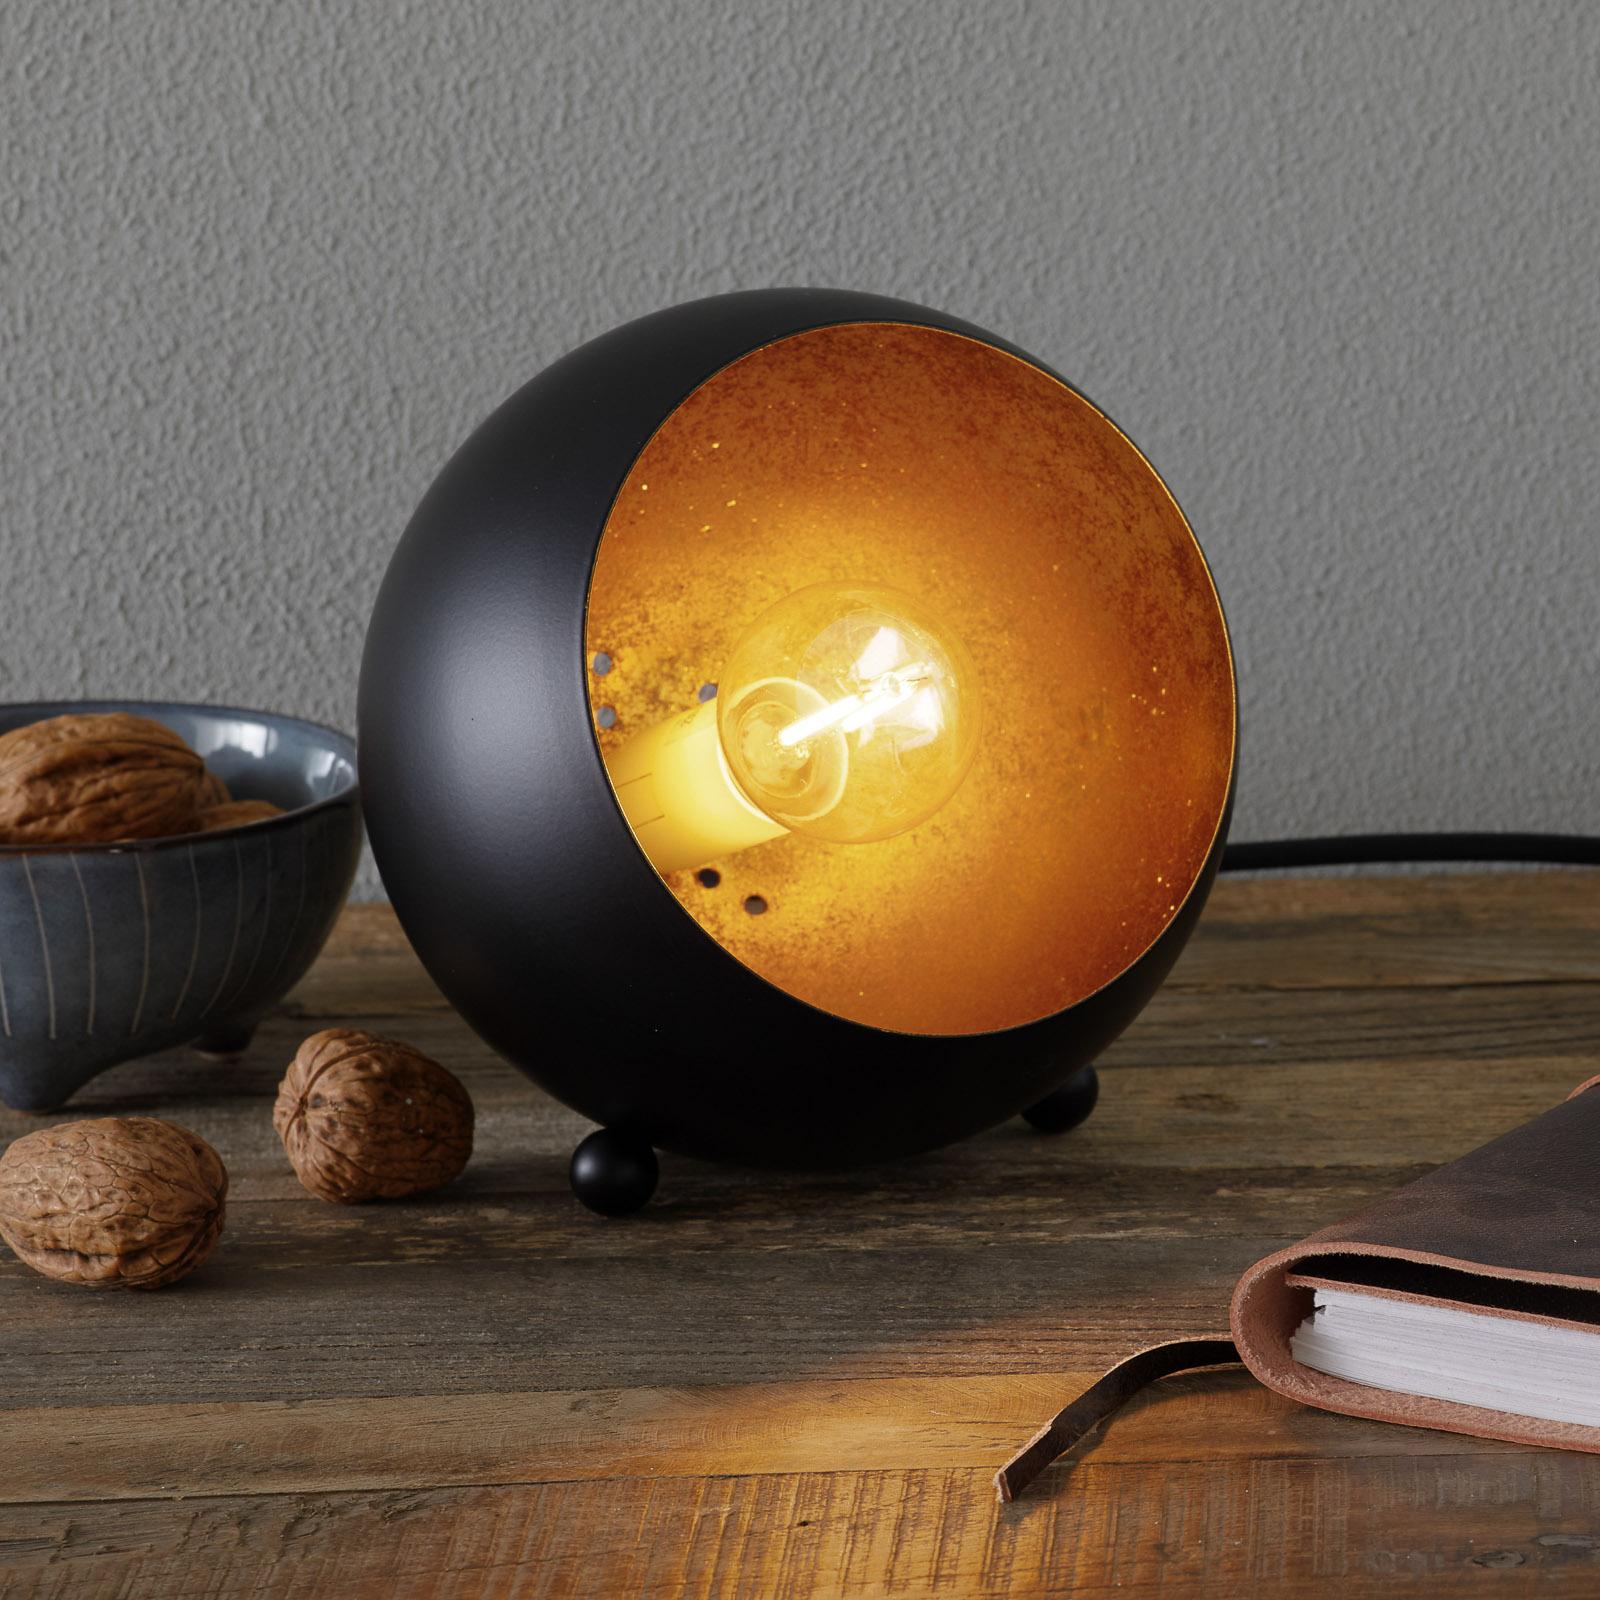 Lampa stołowa Billy, dwukolorowa